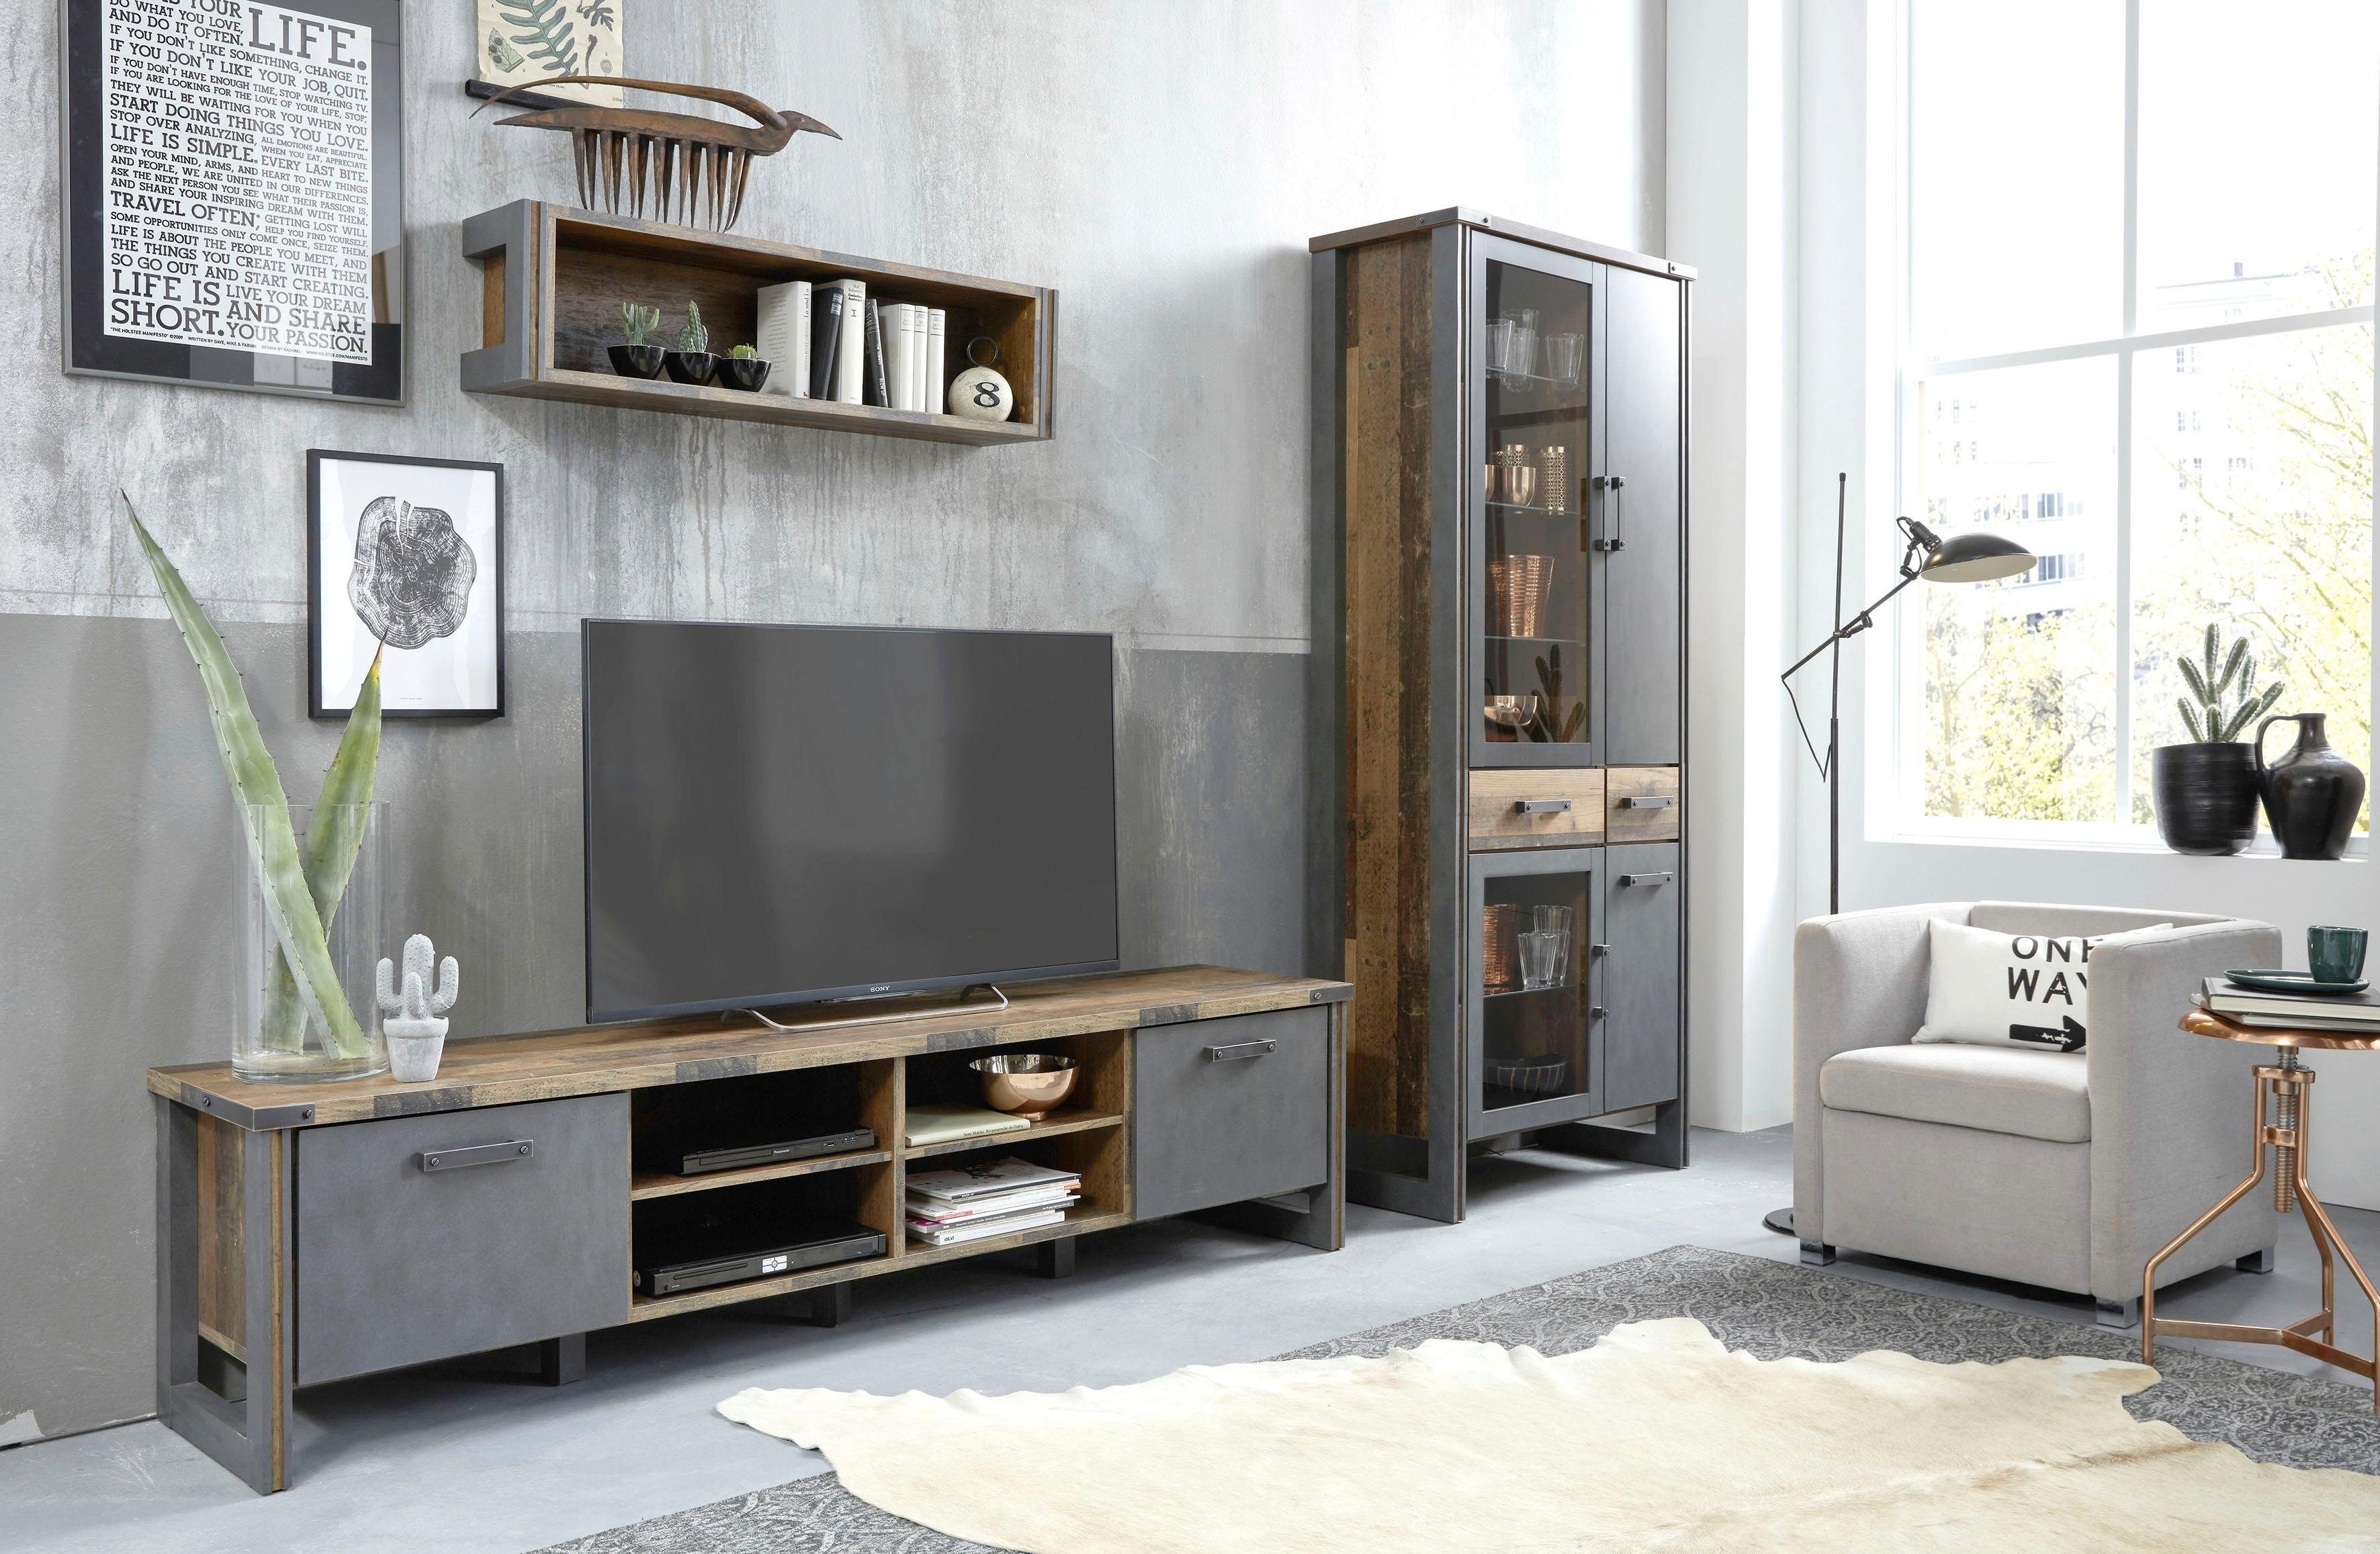 Trendteam Wohnwand Prime Set Konsole Holz Hifi Schrank Und Tv Mobel